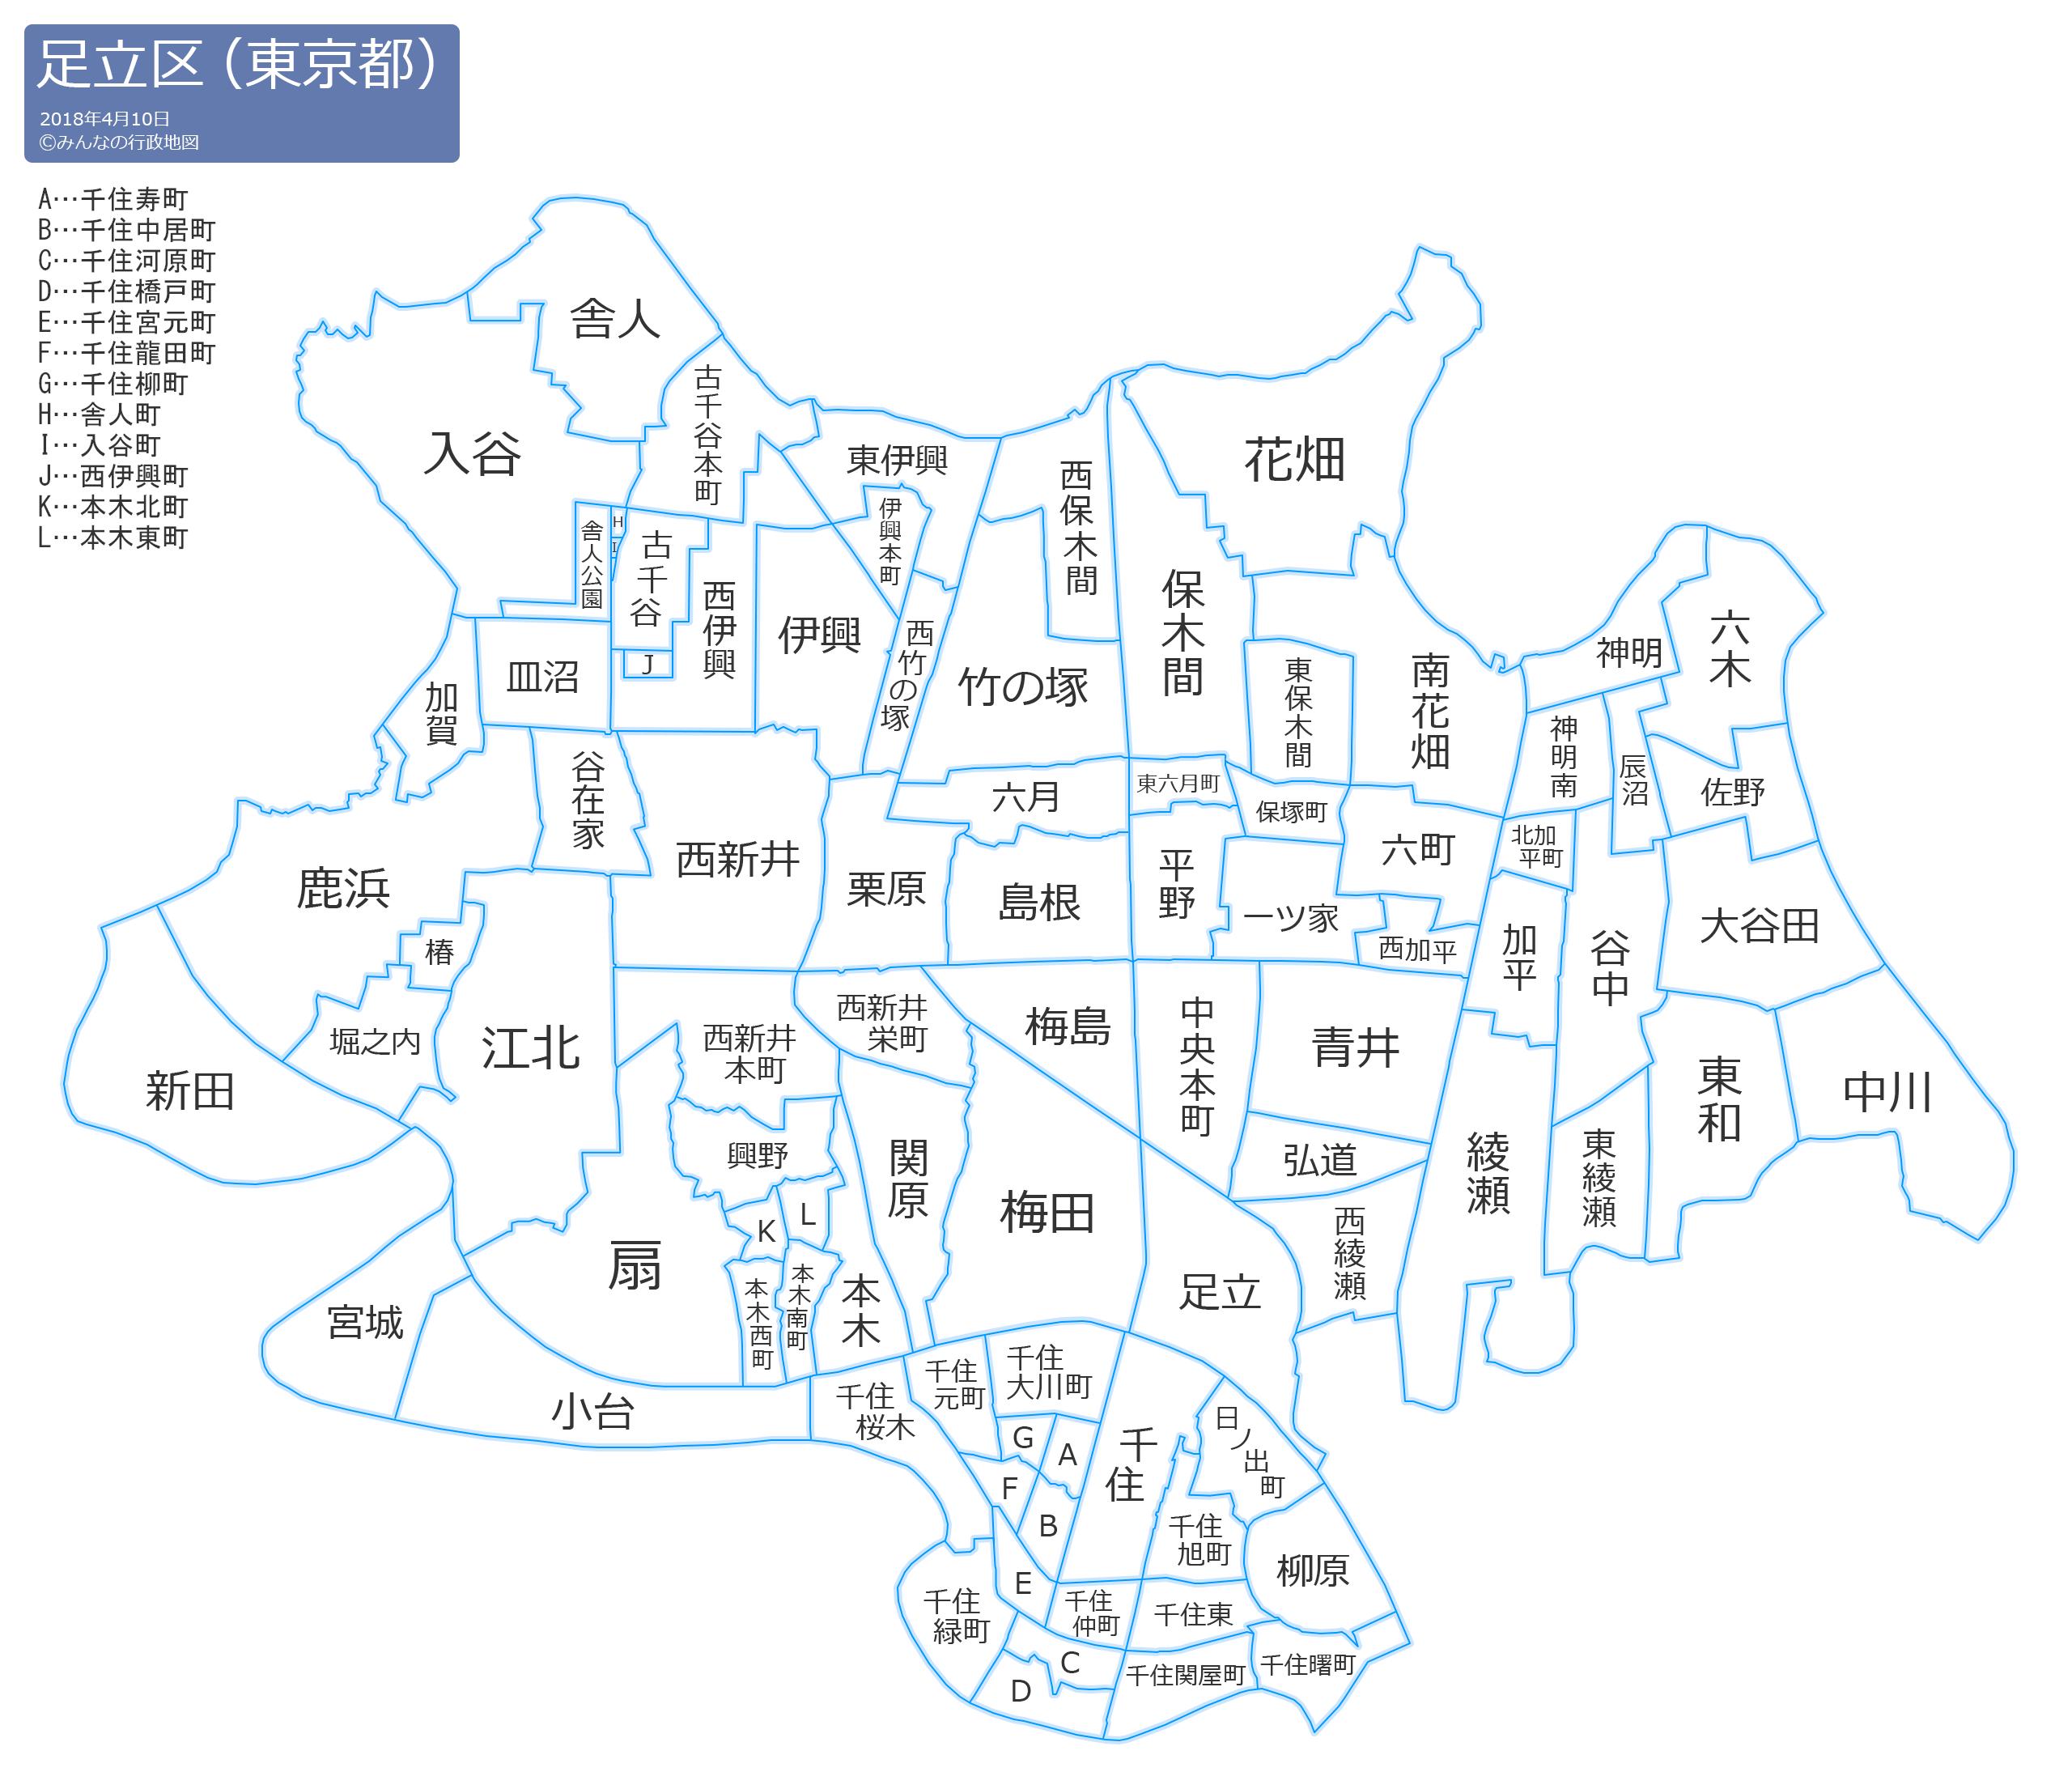 足立区(東京都) - みんなの行政地図